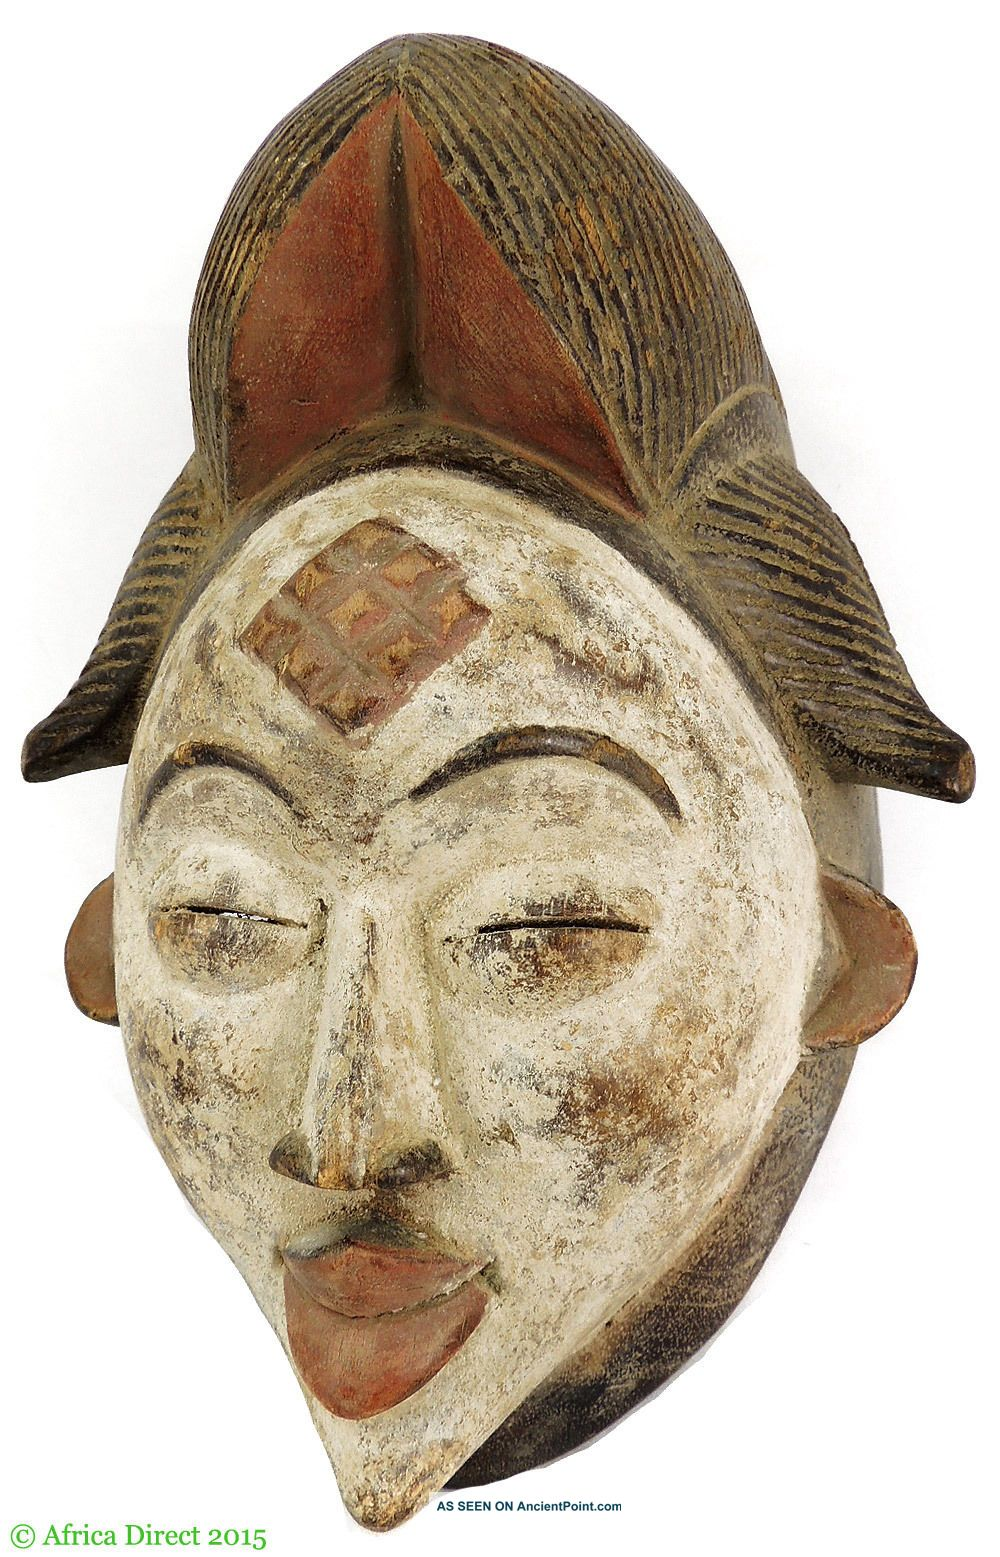 Punu Mask Maiden Spirit Mukudji Gabon African Art Masks photo